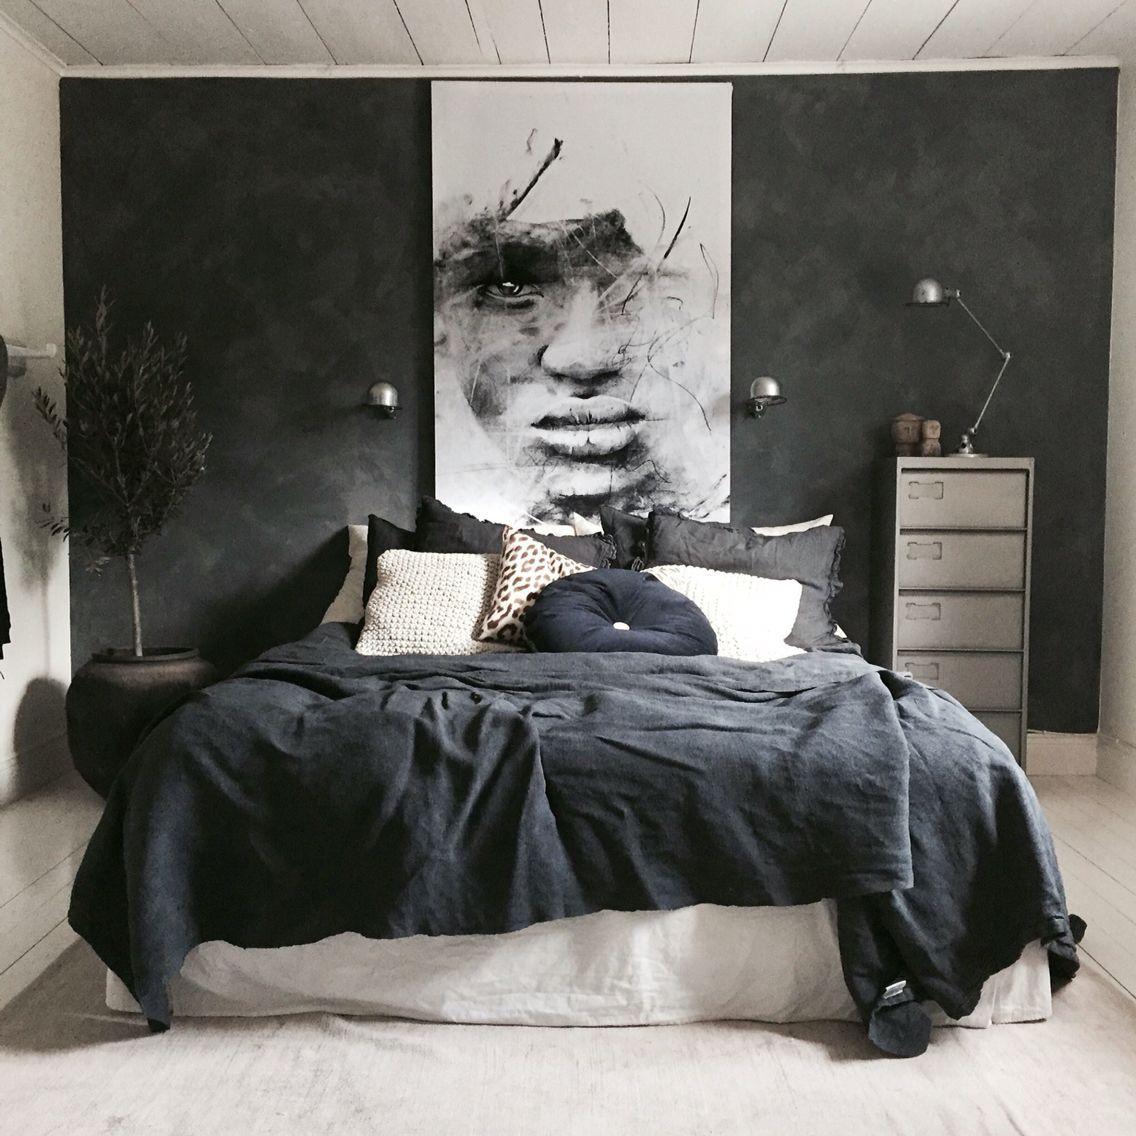 Zo kun je je slaapkamer het beste inrichten volgens je sterrenbeeld #slaapkamerideeen